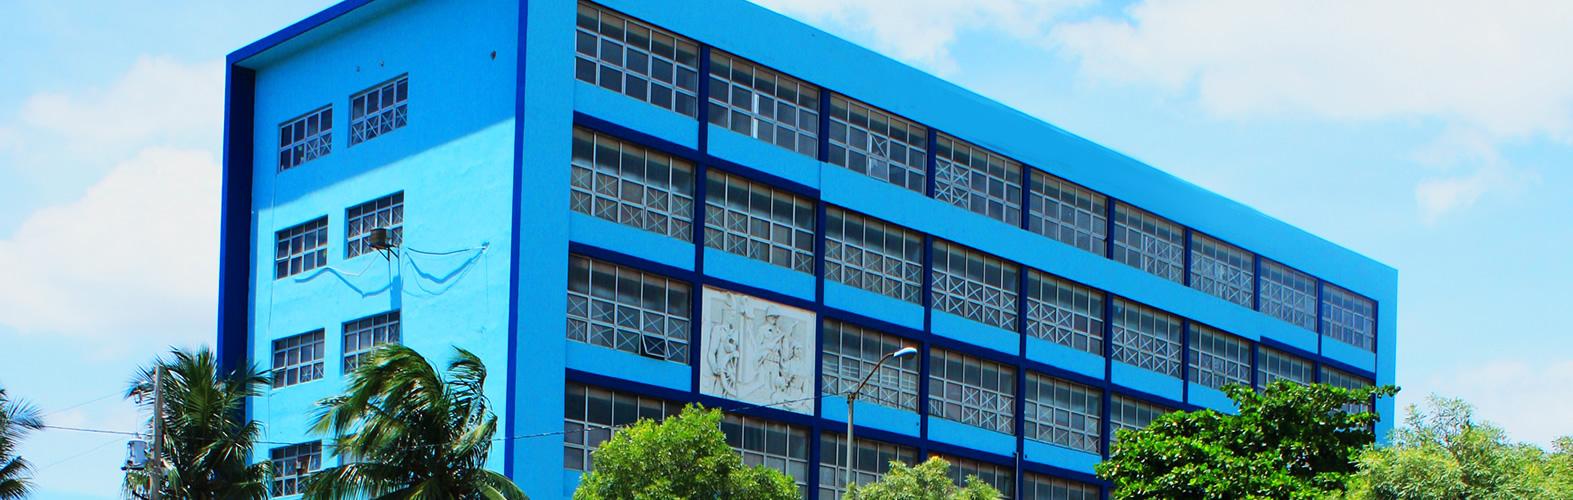 Fachada edificio ICM-6